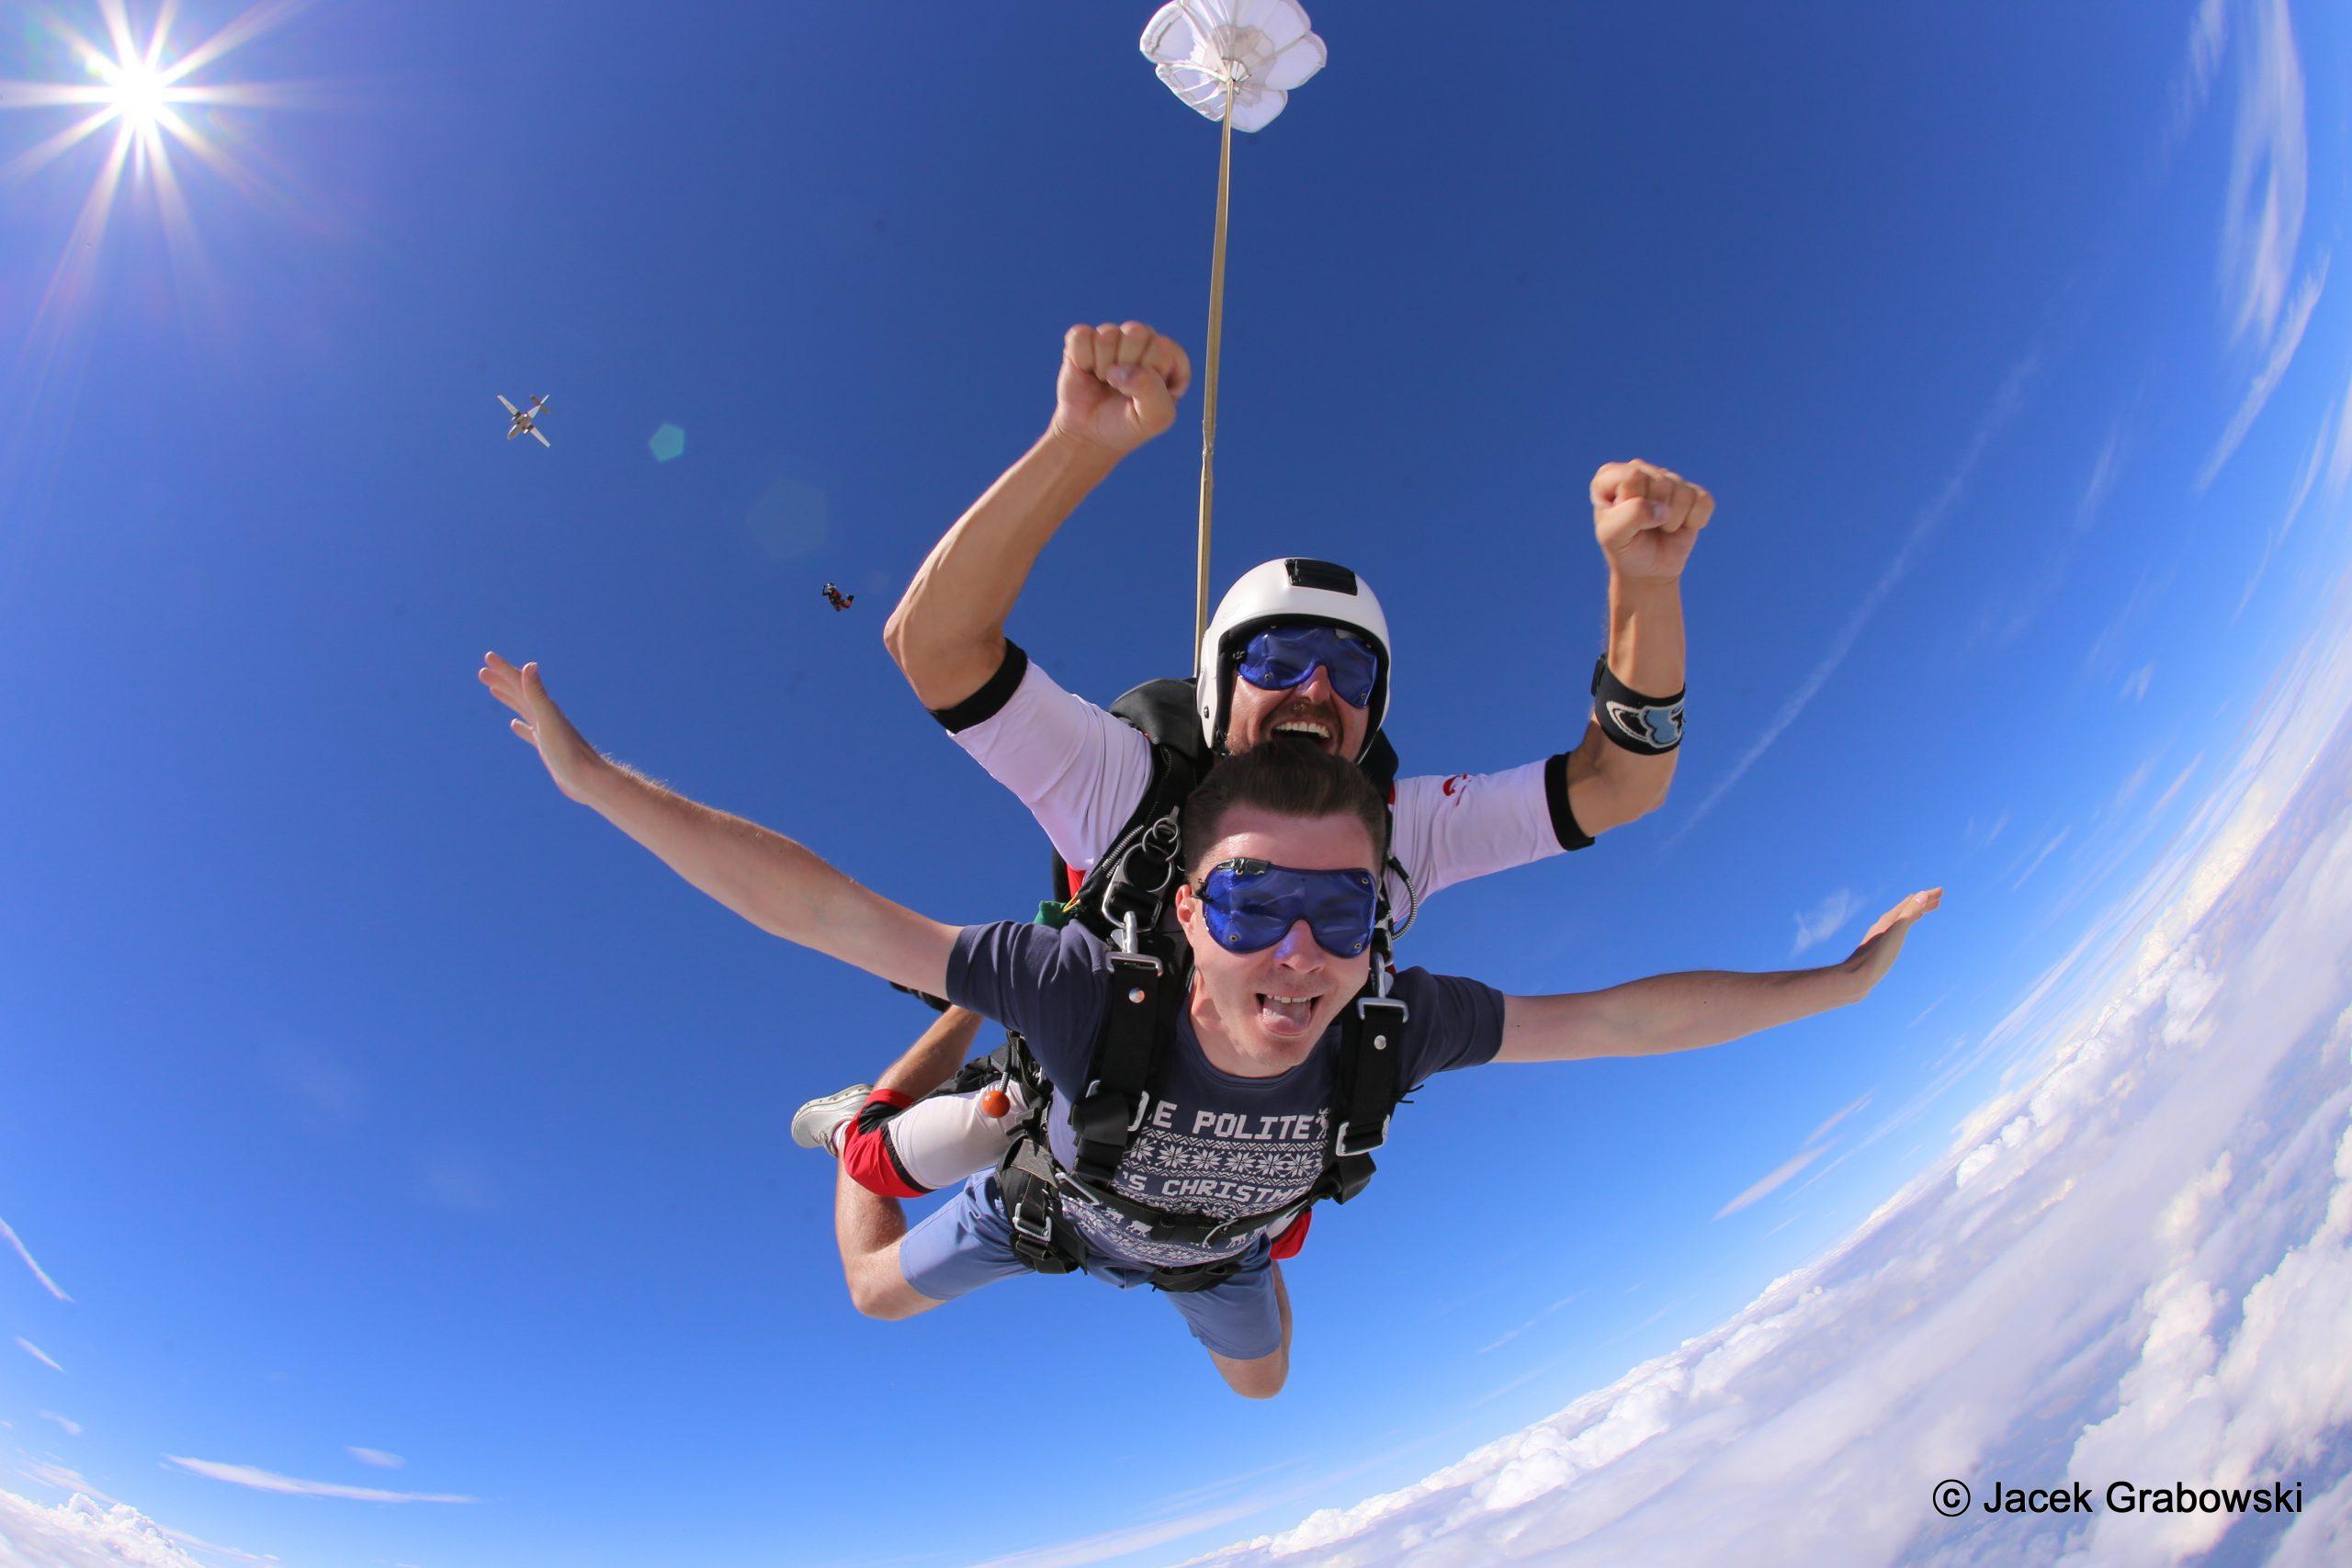 Wybierz skok spadochronowy w tandemie dla siebie i znajomych – zapłacicie jeszcze mniej!